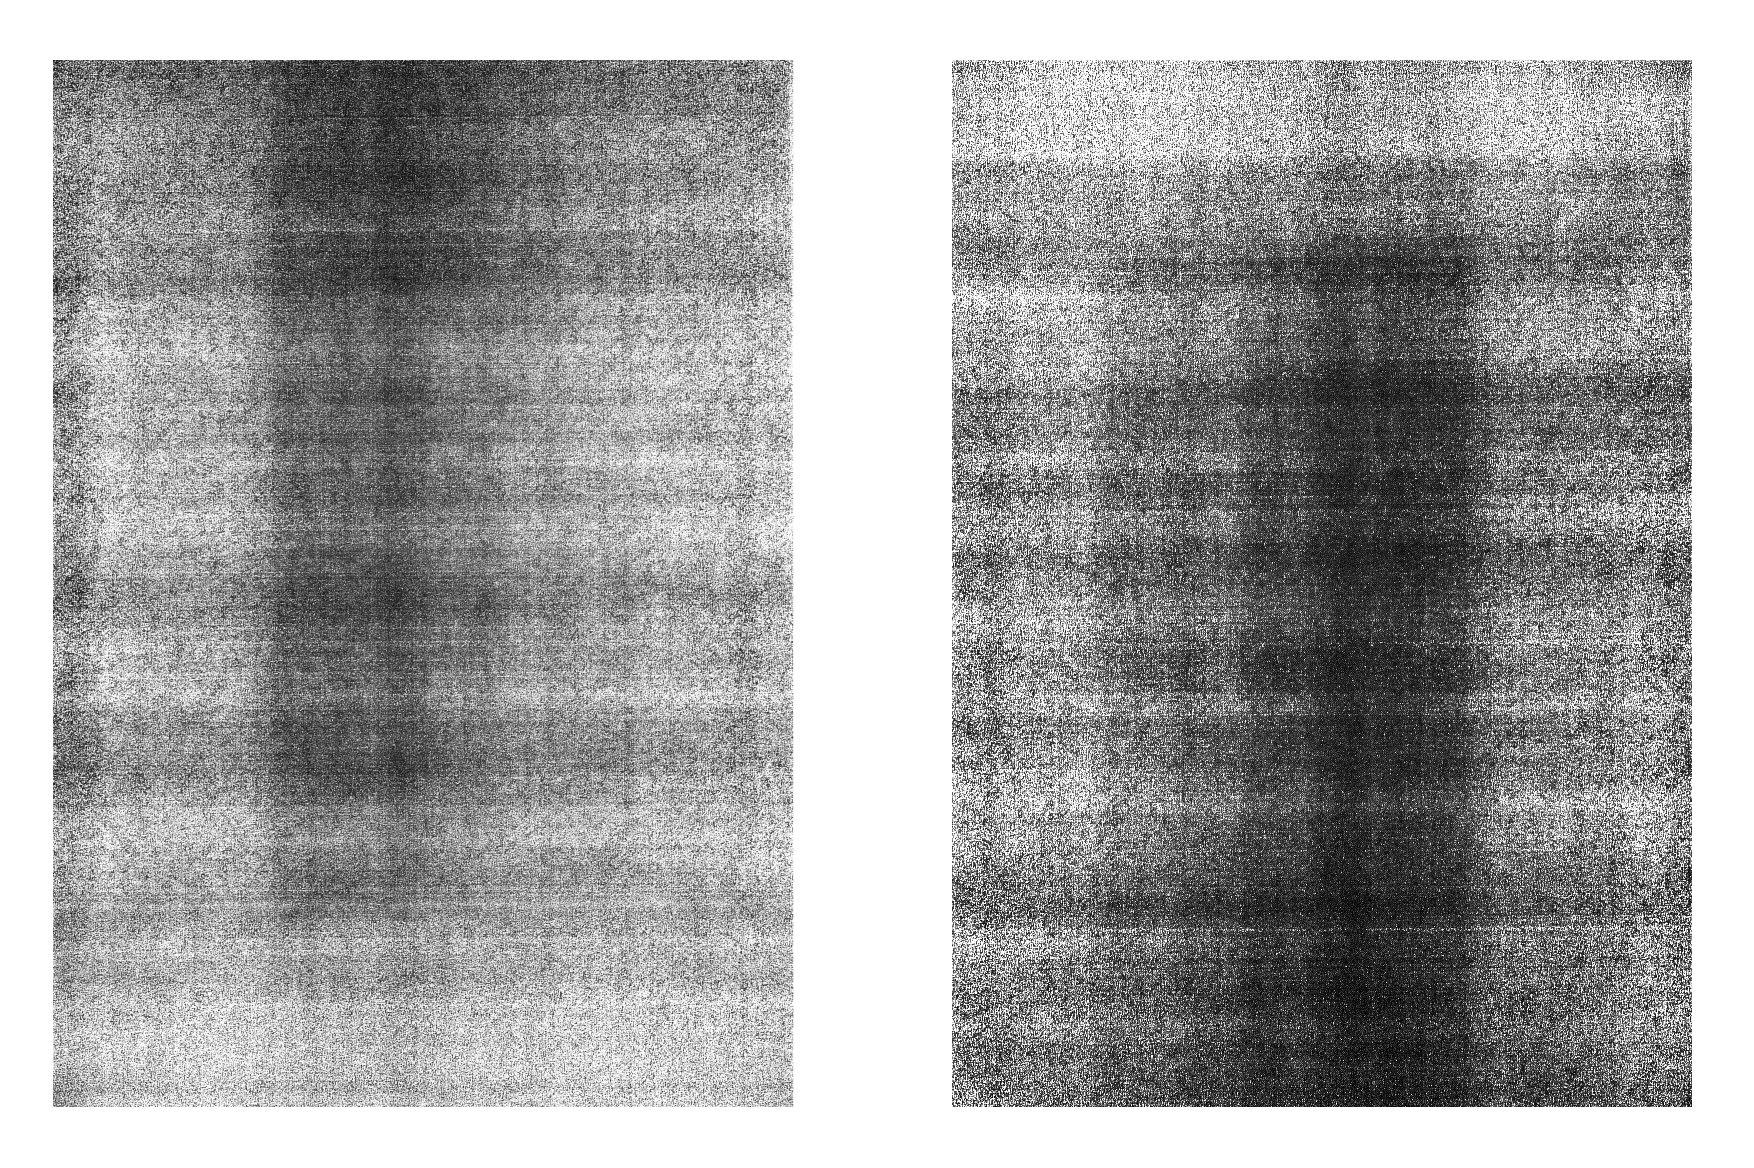 156款复古做旧折痕磨损褶皱纸张背景纹理素材合集 The Grunge Texture Bundle Vol. 1插图(86)